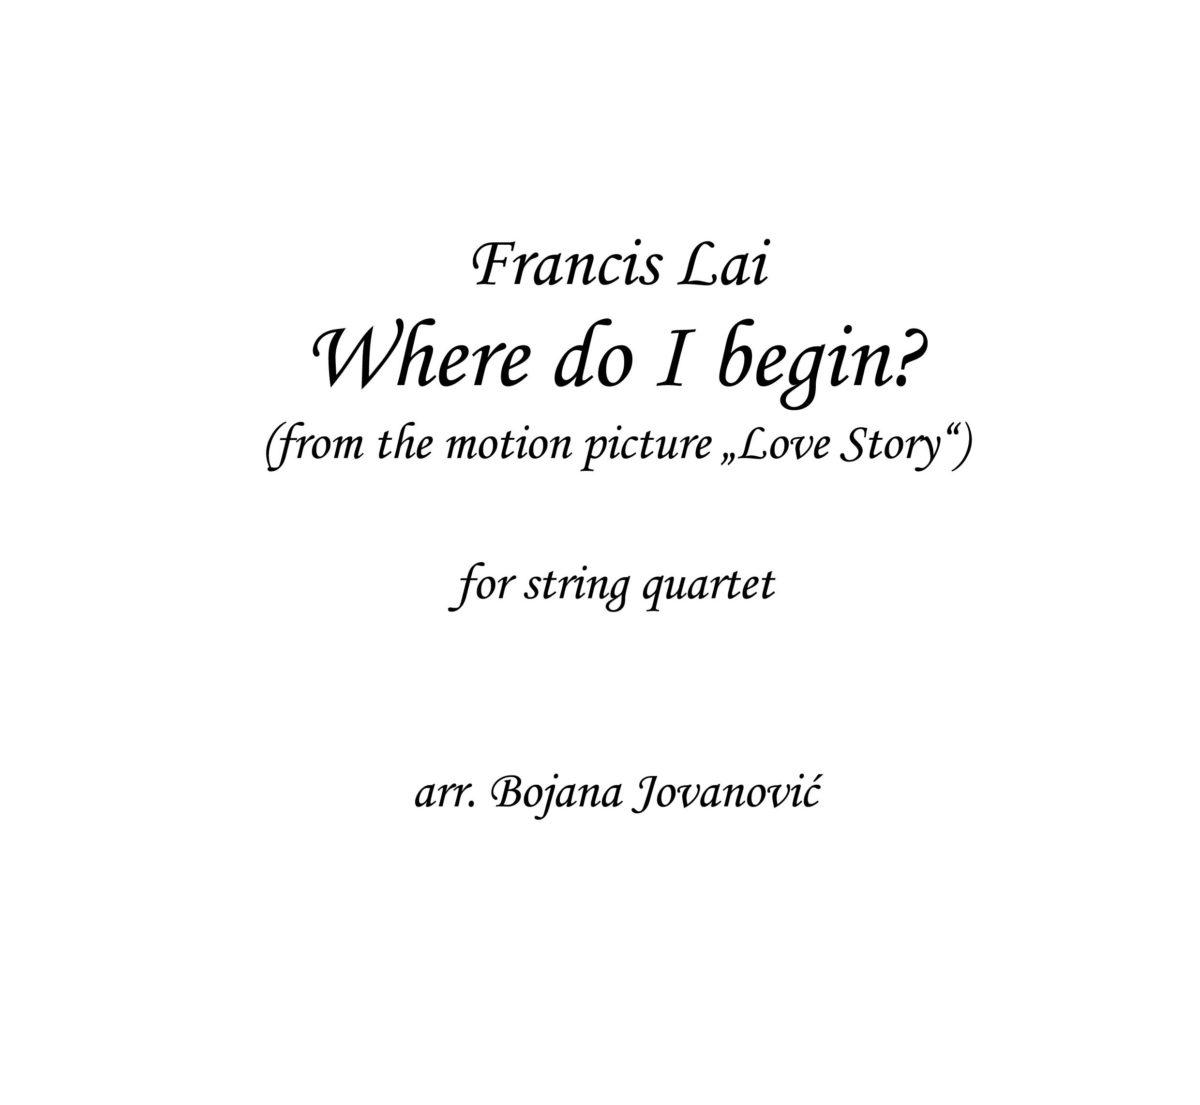 Where do I begin (The Love story) - Sheet music